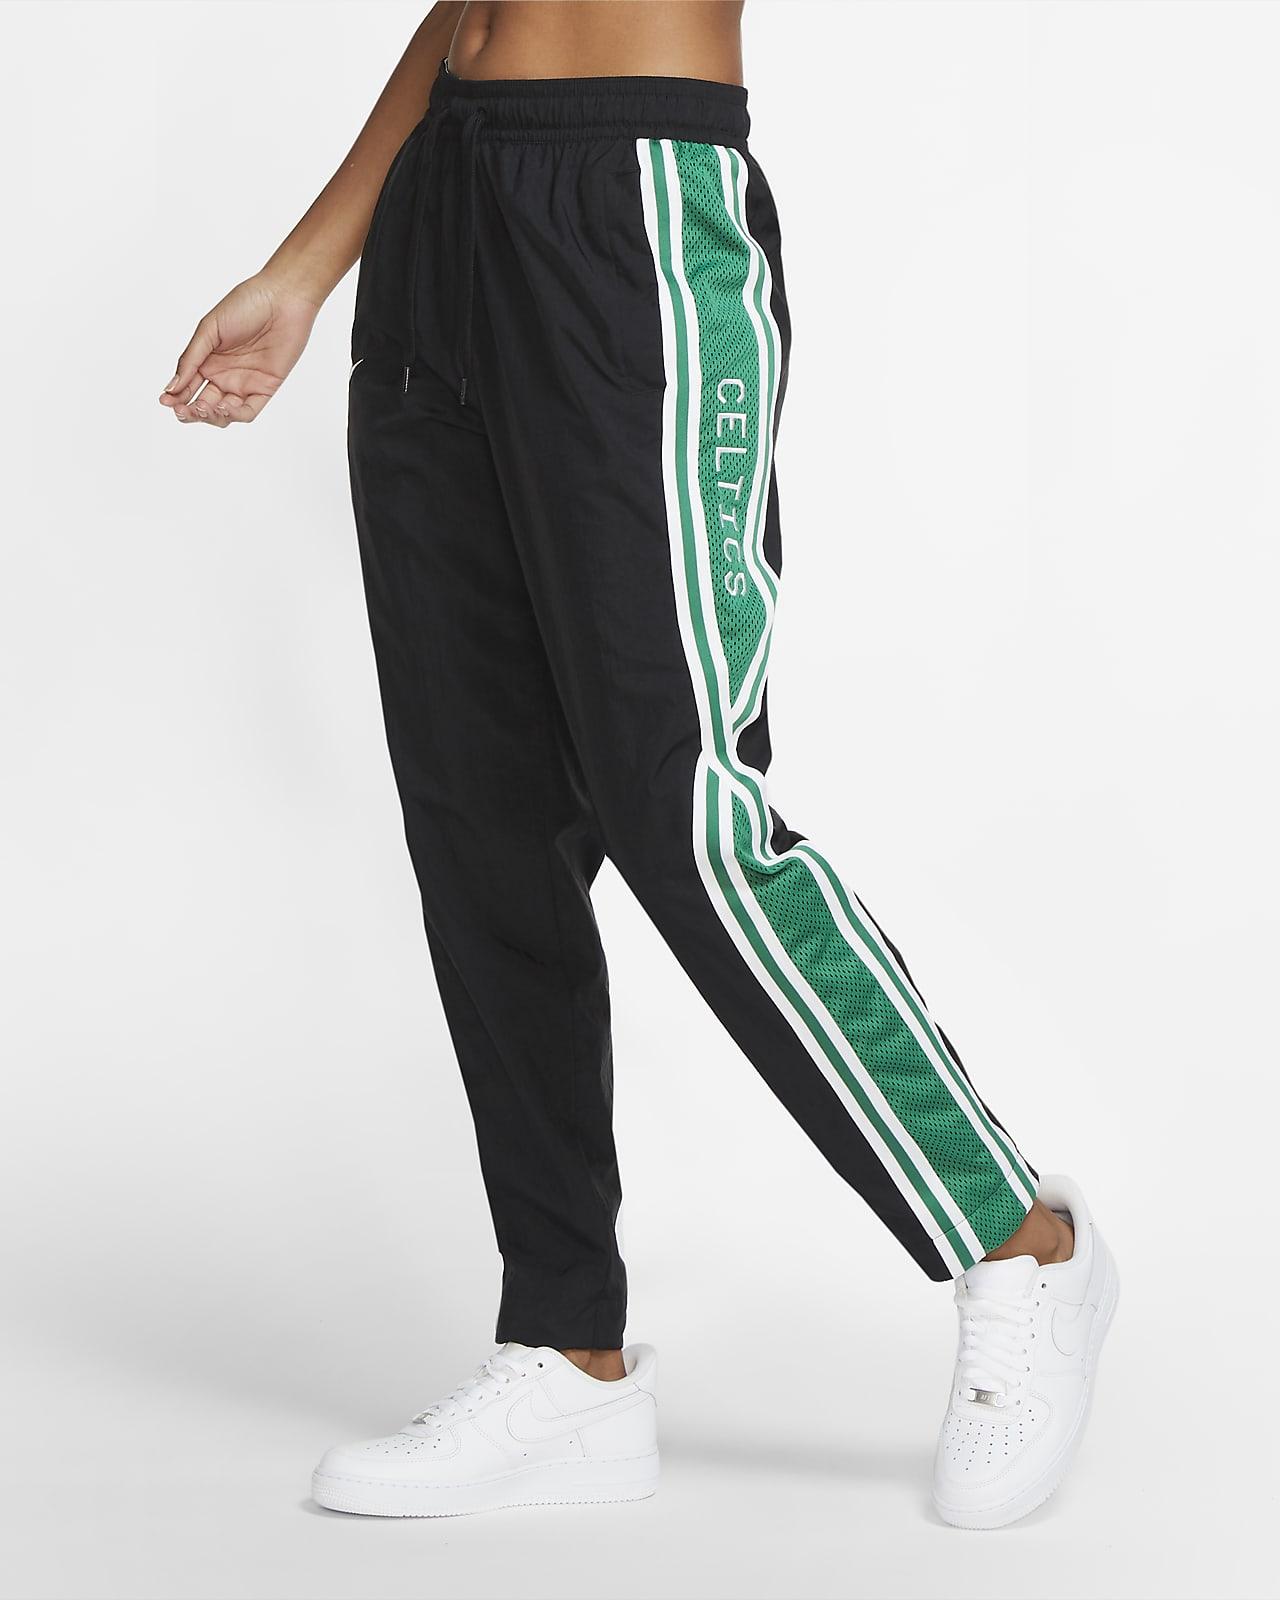 Boston Celtics Courtside Women's Nike NBA Tracksuit Pants